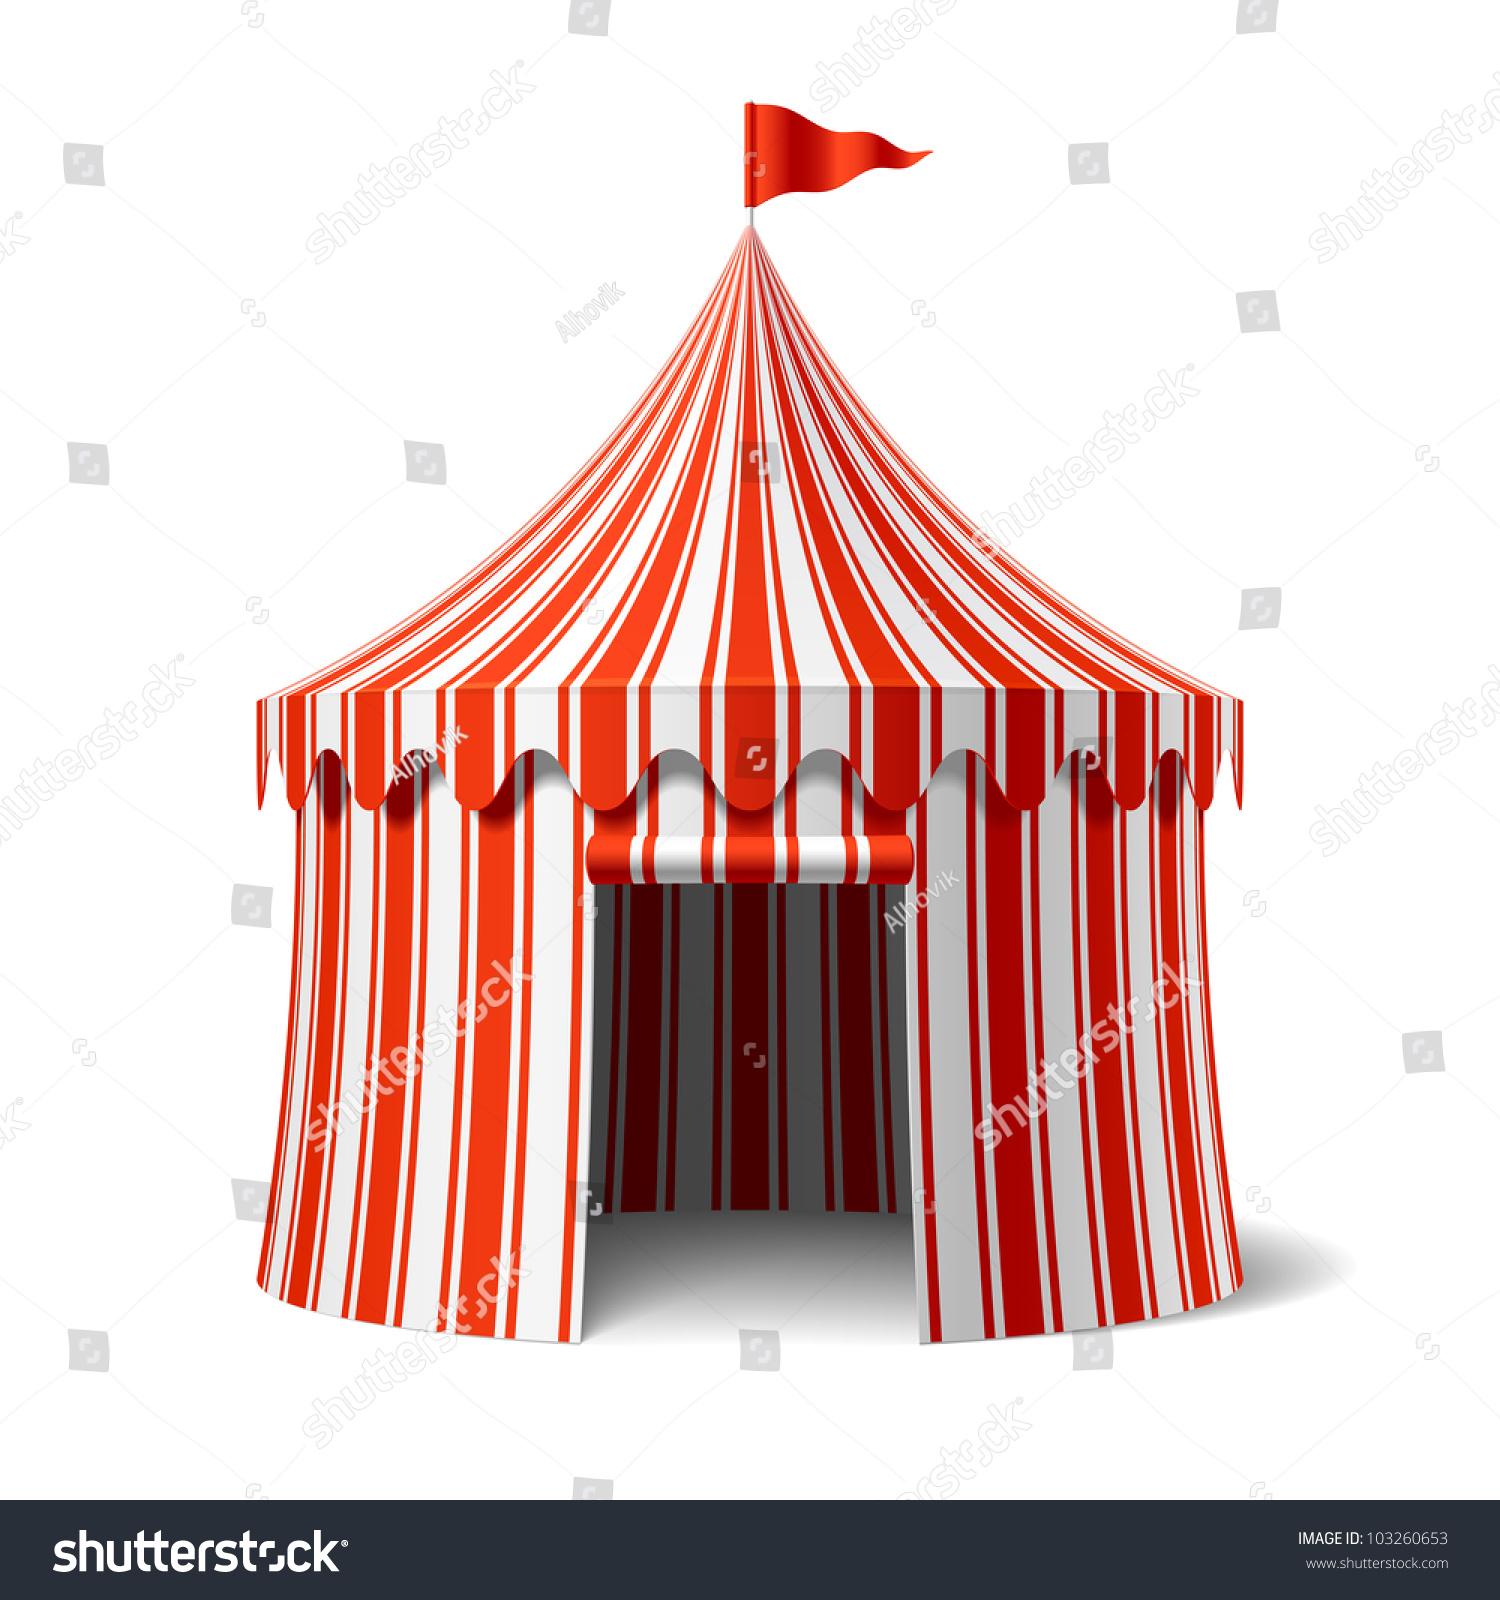 Circus Tent Vector Stock Vector 103260653 - Shutterstock